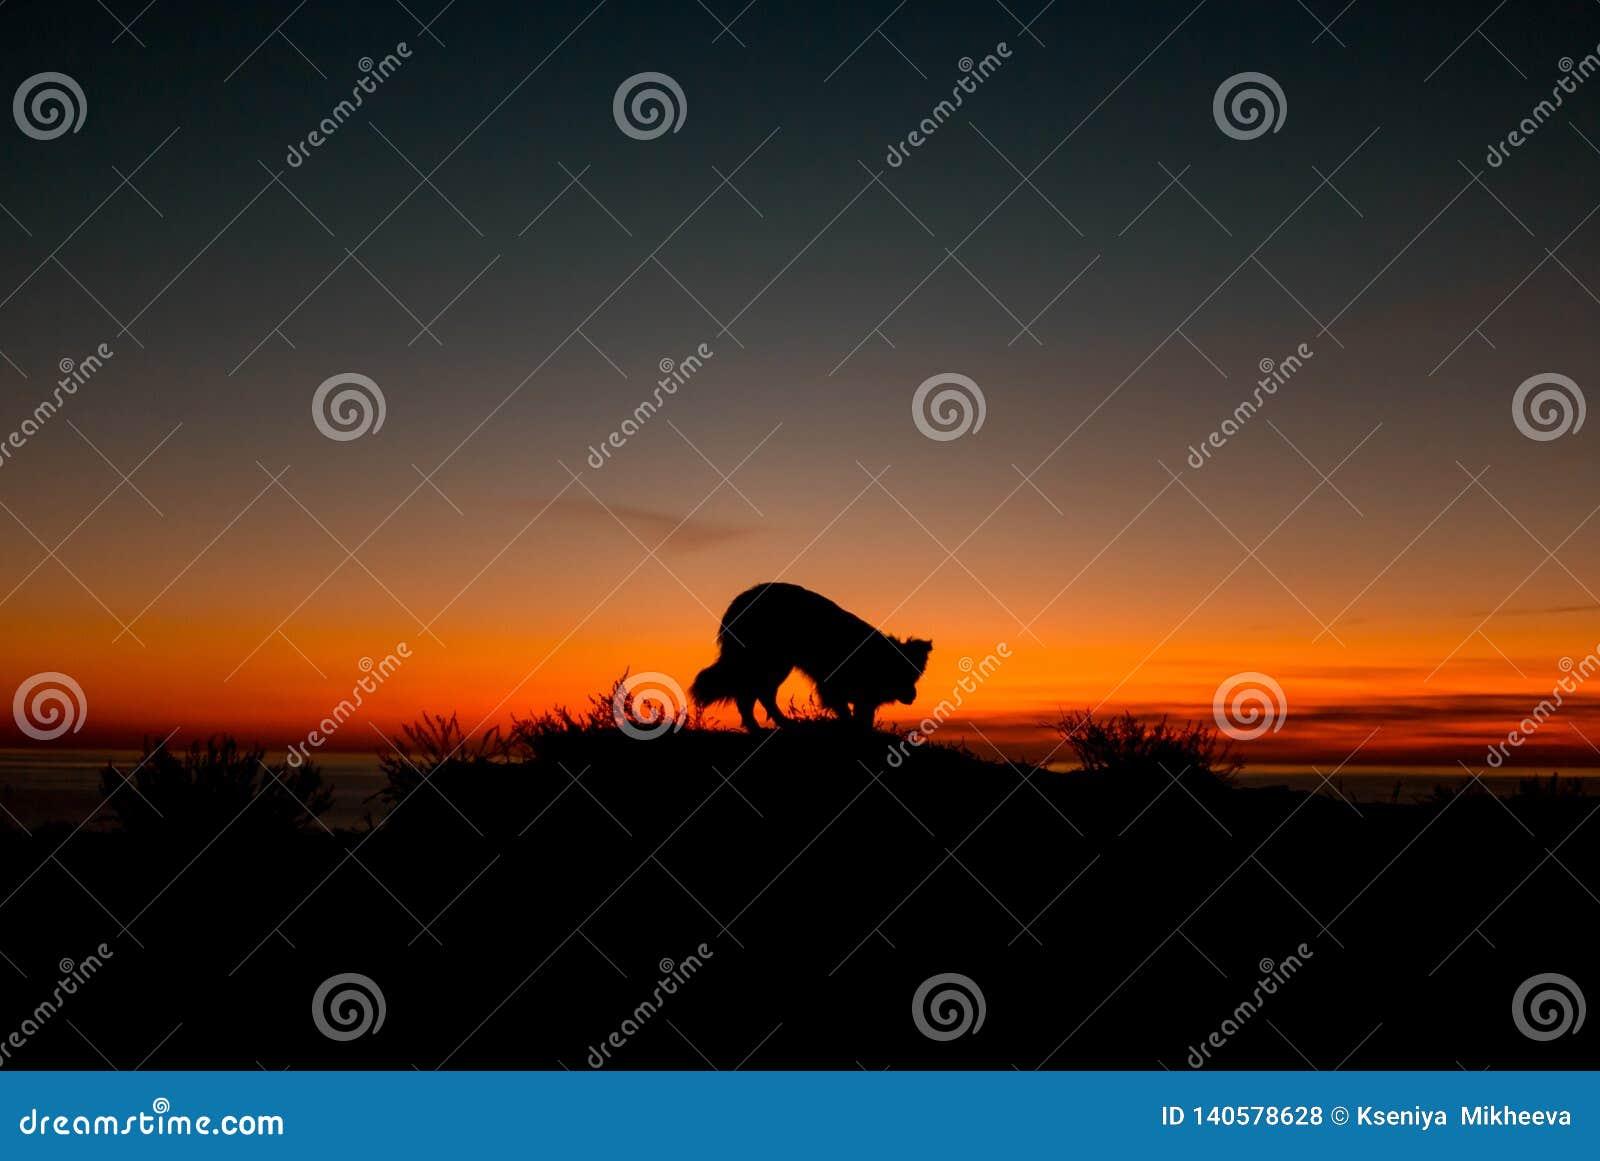 Den härliga hunden border collie sitter på kanten av en klippa nära det blåa havet under en oerhörd solnedgång silhouette